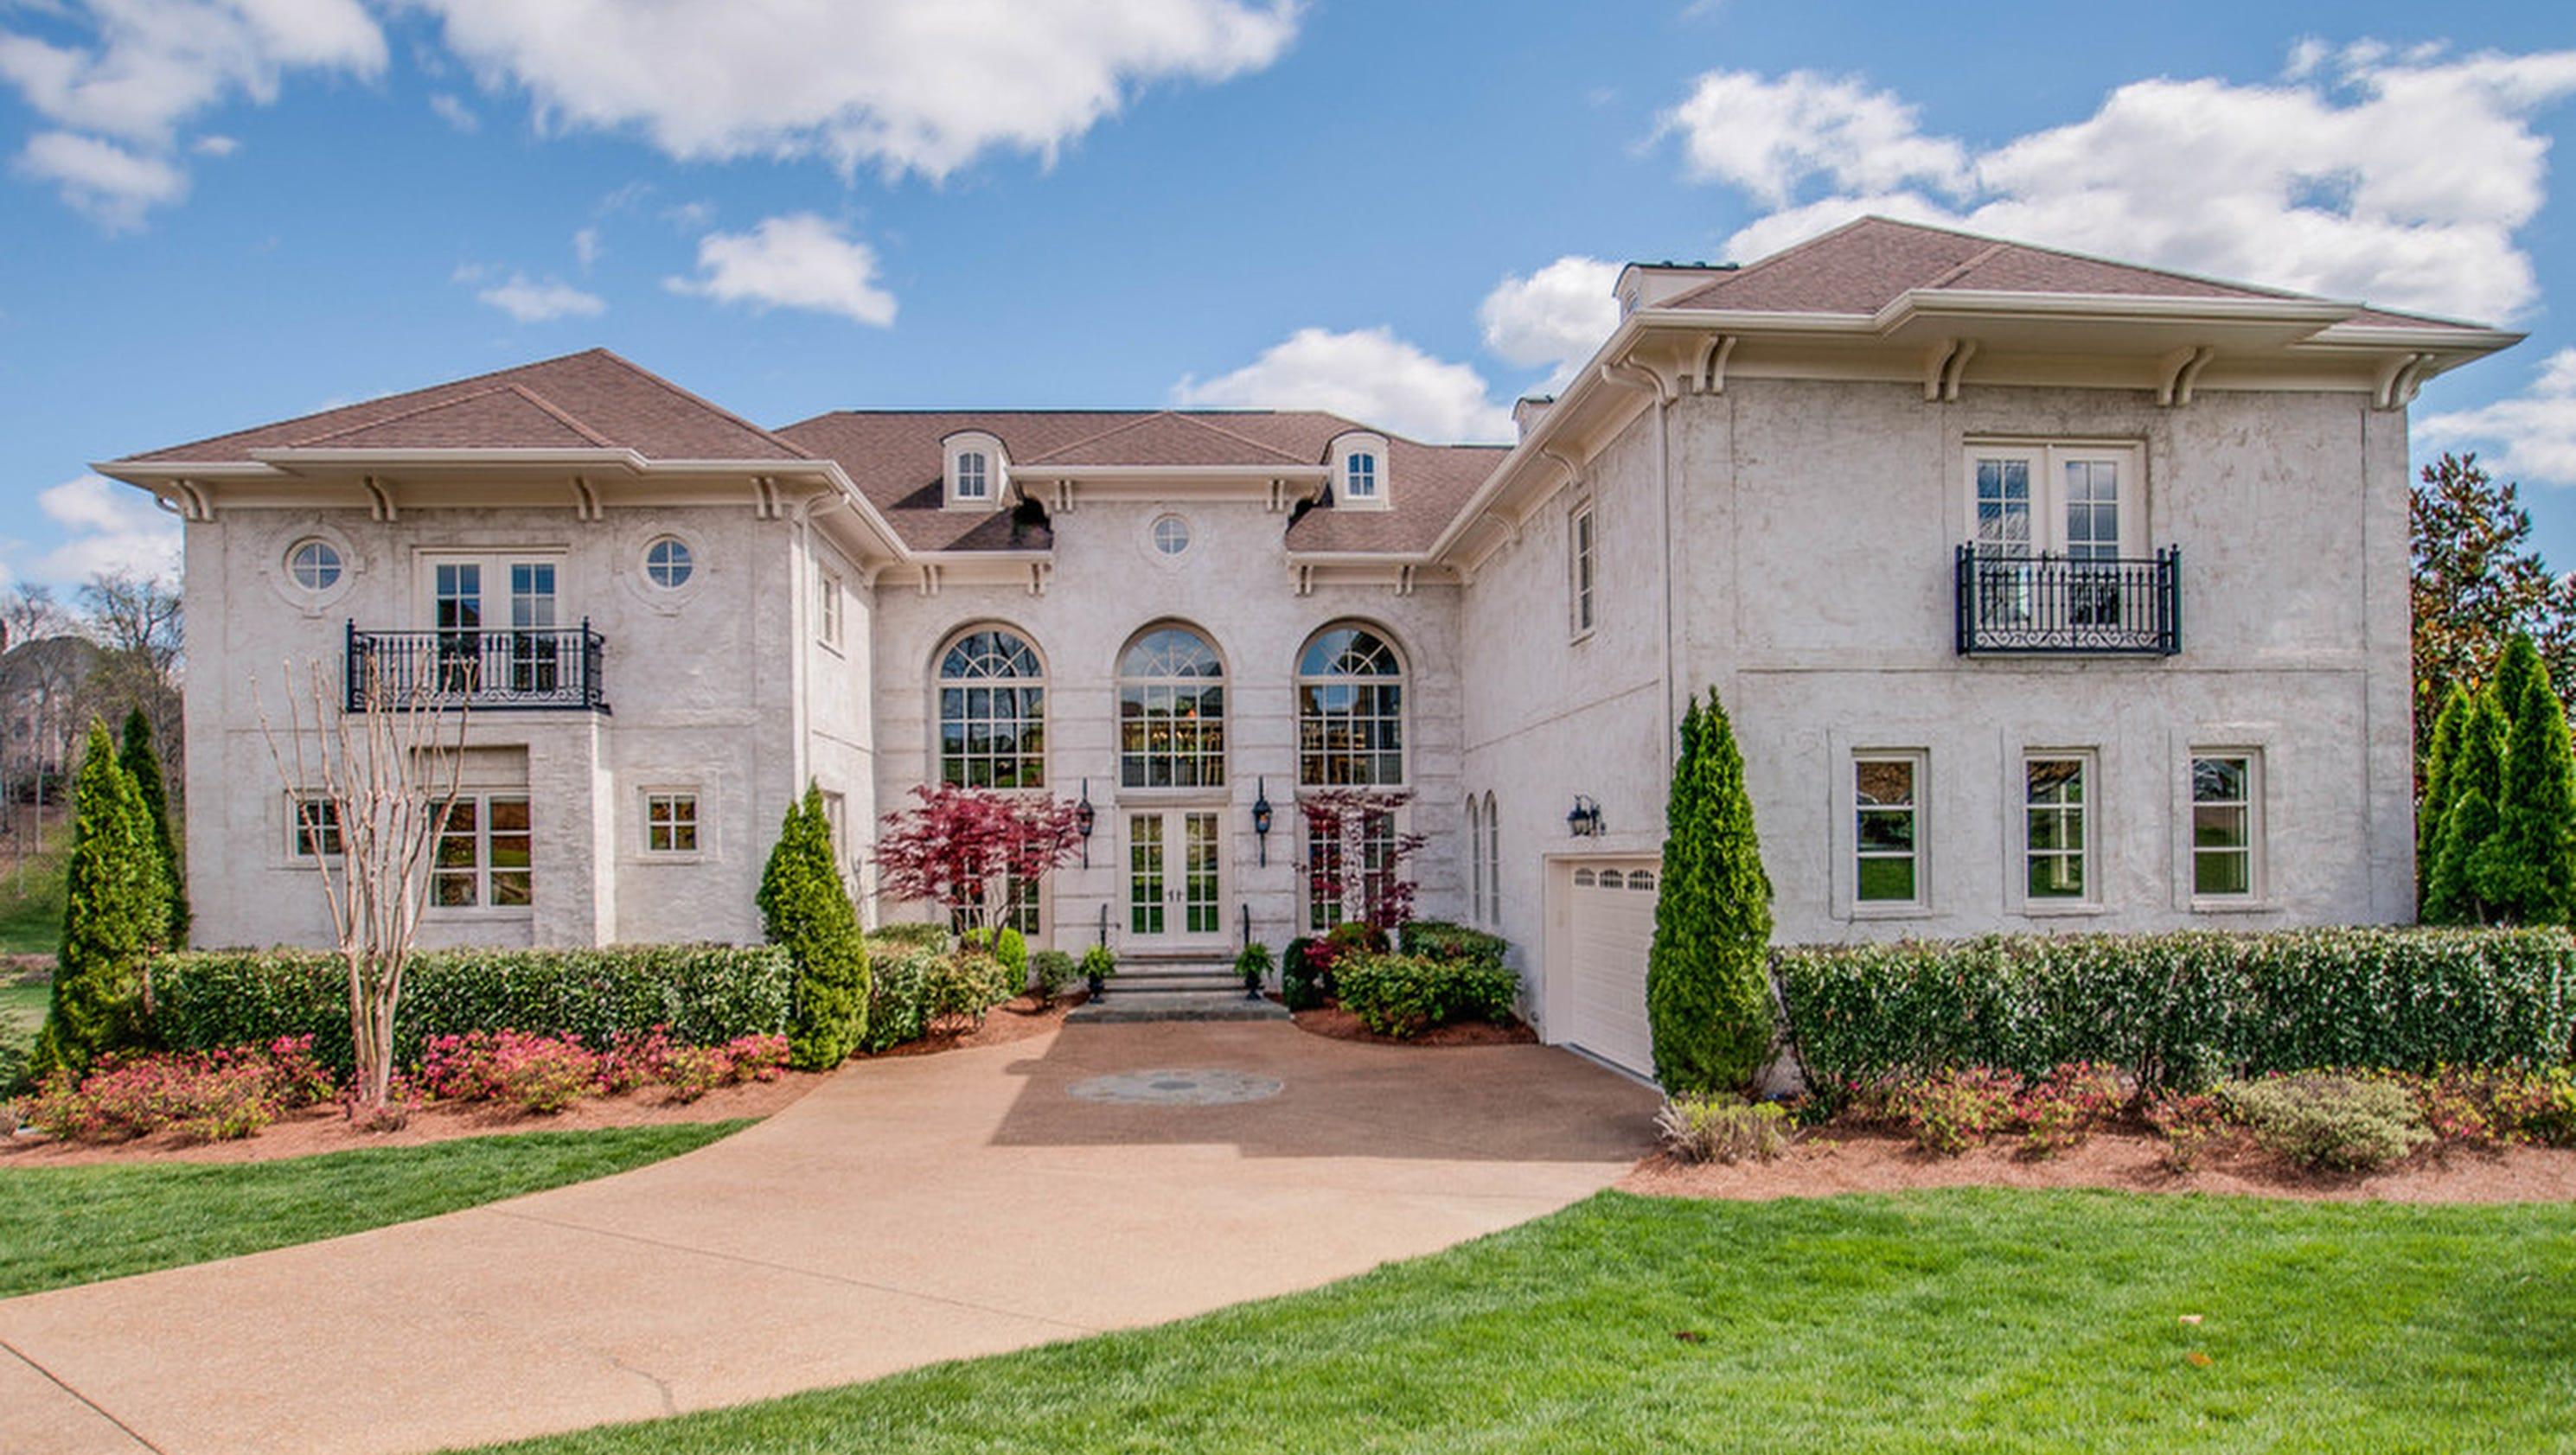 Nashville million dollar homes 3 oxmoor court for 10 million dollar homes